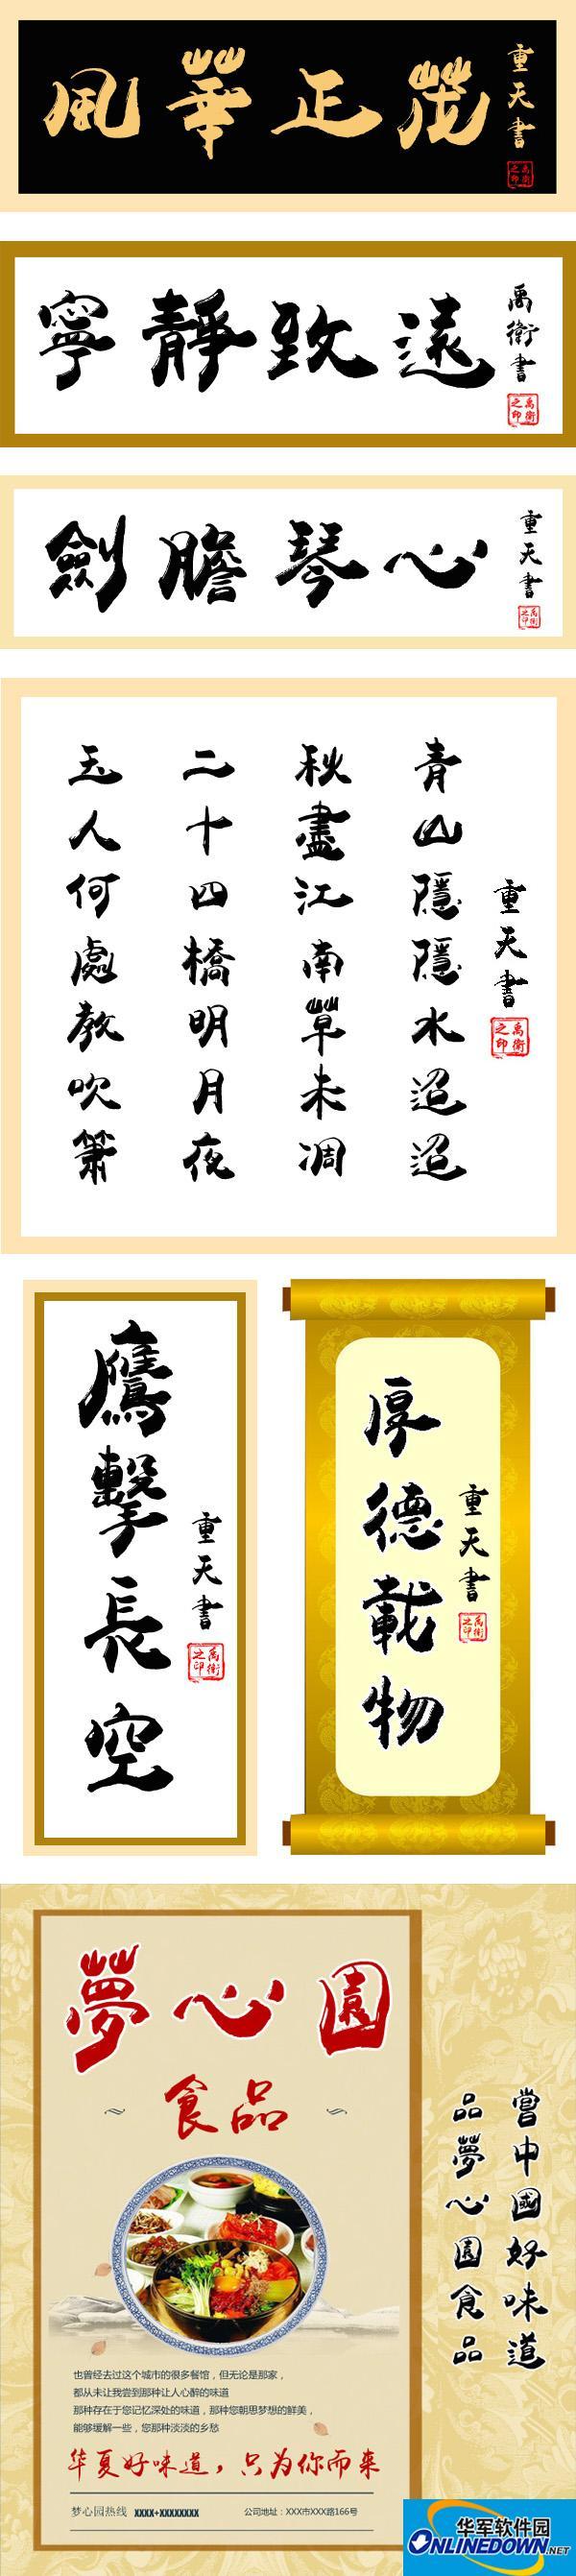 禹卫书法隶书繁体 PC版